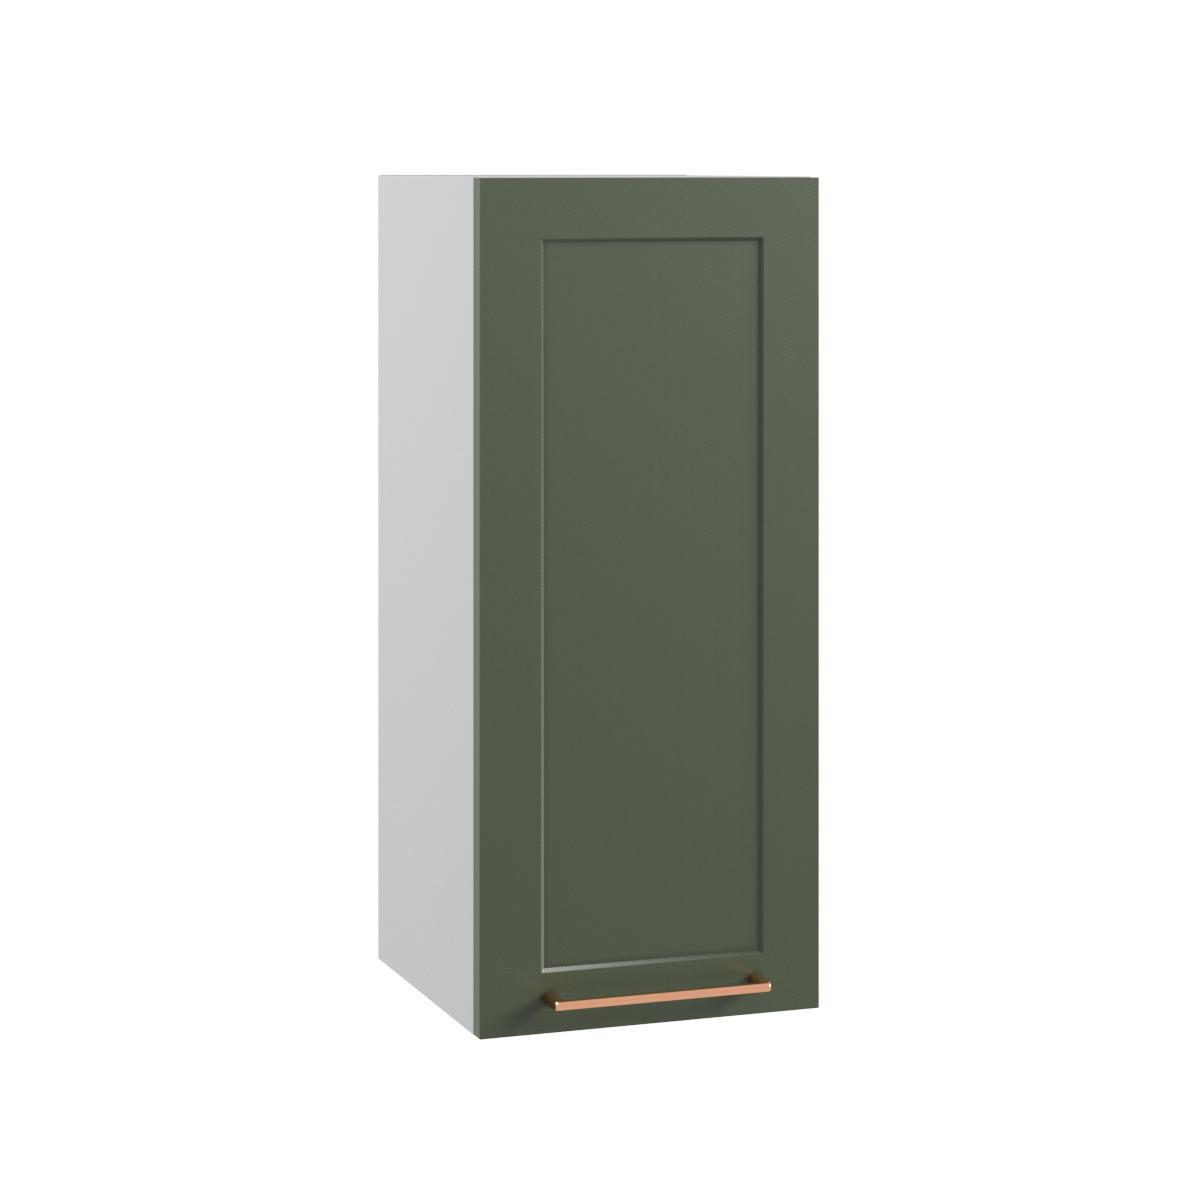 Кухня Квадро П 200/2 Шкаф верхний